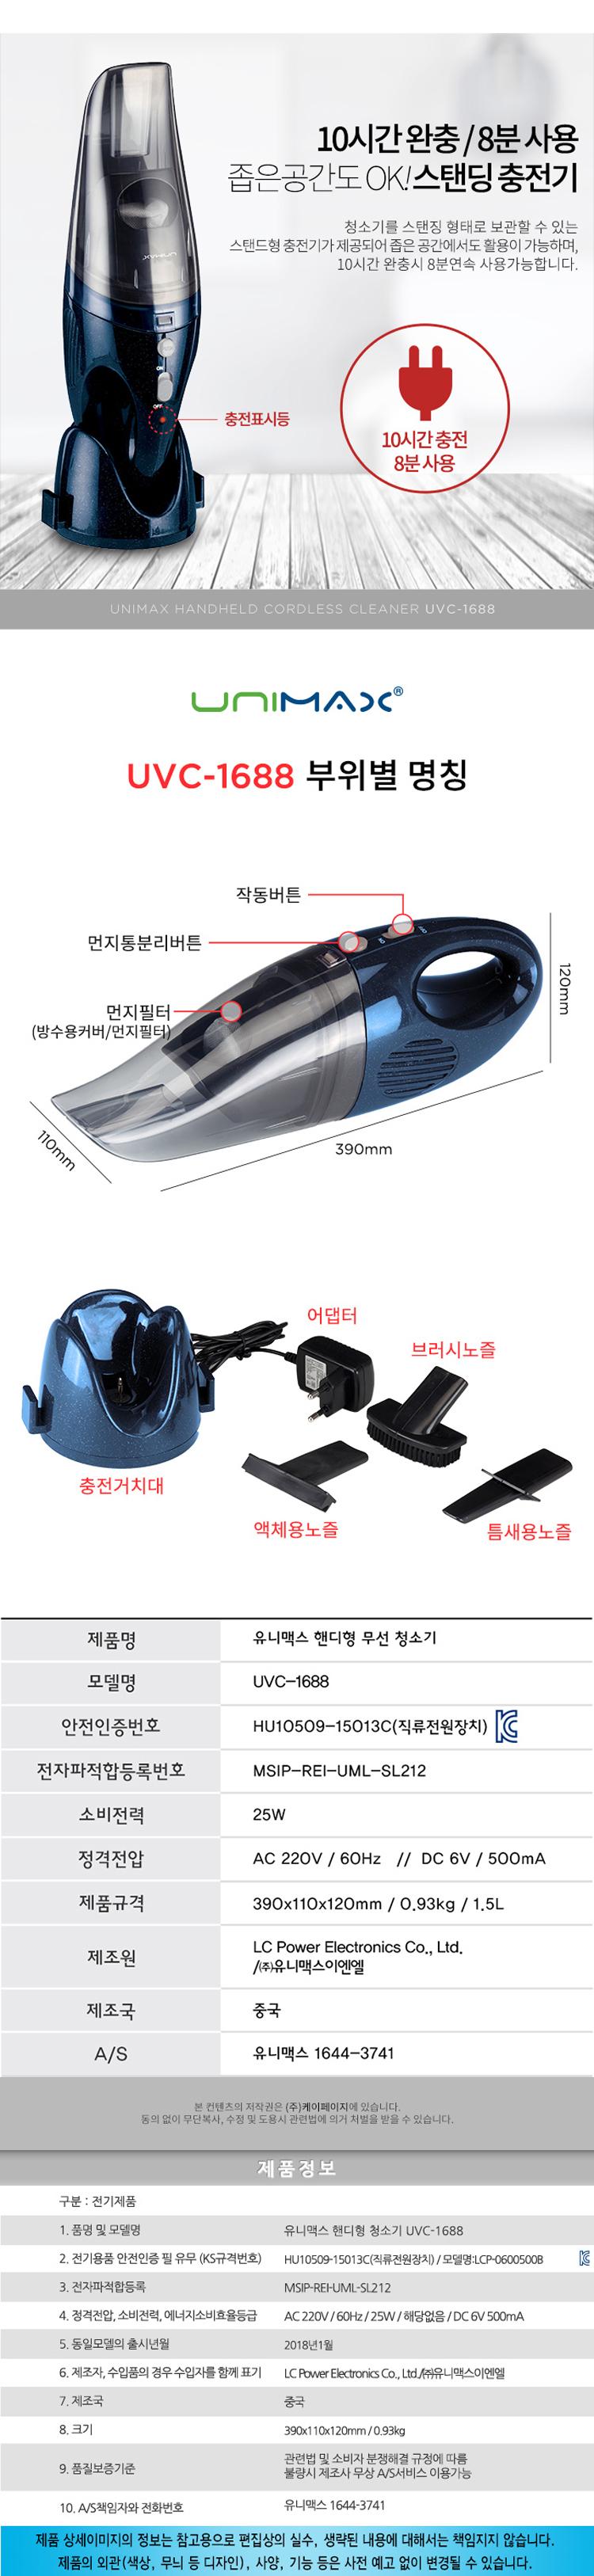 무선청소기,핸디형청소기,유니맥스청소기,유니맥스핸드형청소기,청소기